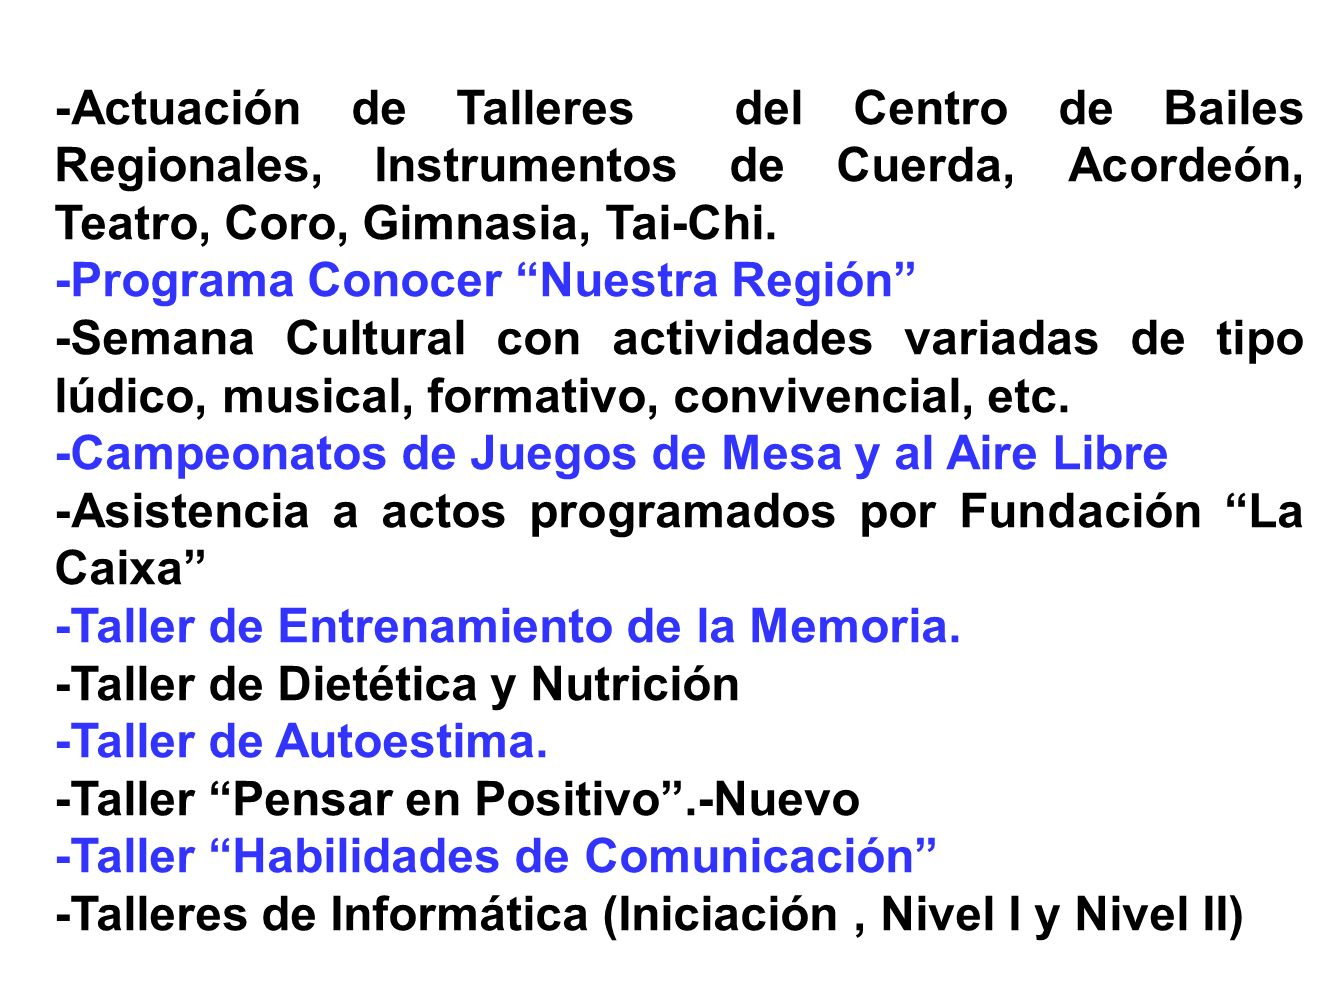 -Actuación de Talleres del Centro de Bailes Regionales, Instrumentos de Cuerda, Acordeón, Teatro, Coro, Gimnasia, Tai-Chi.